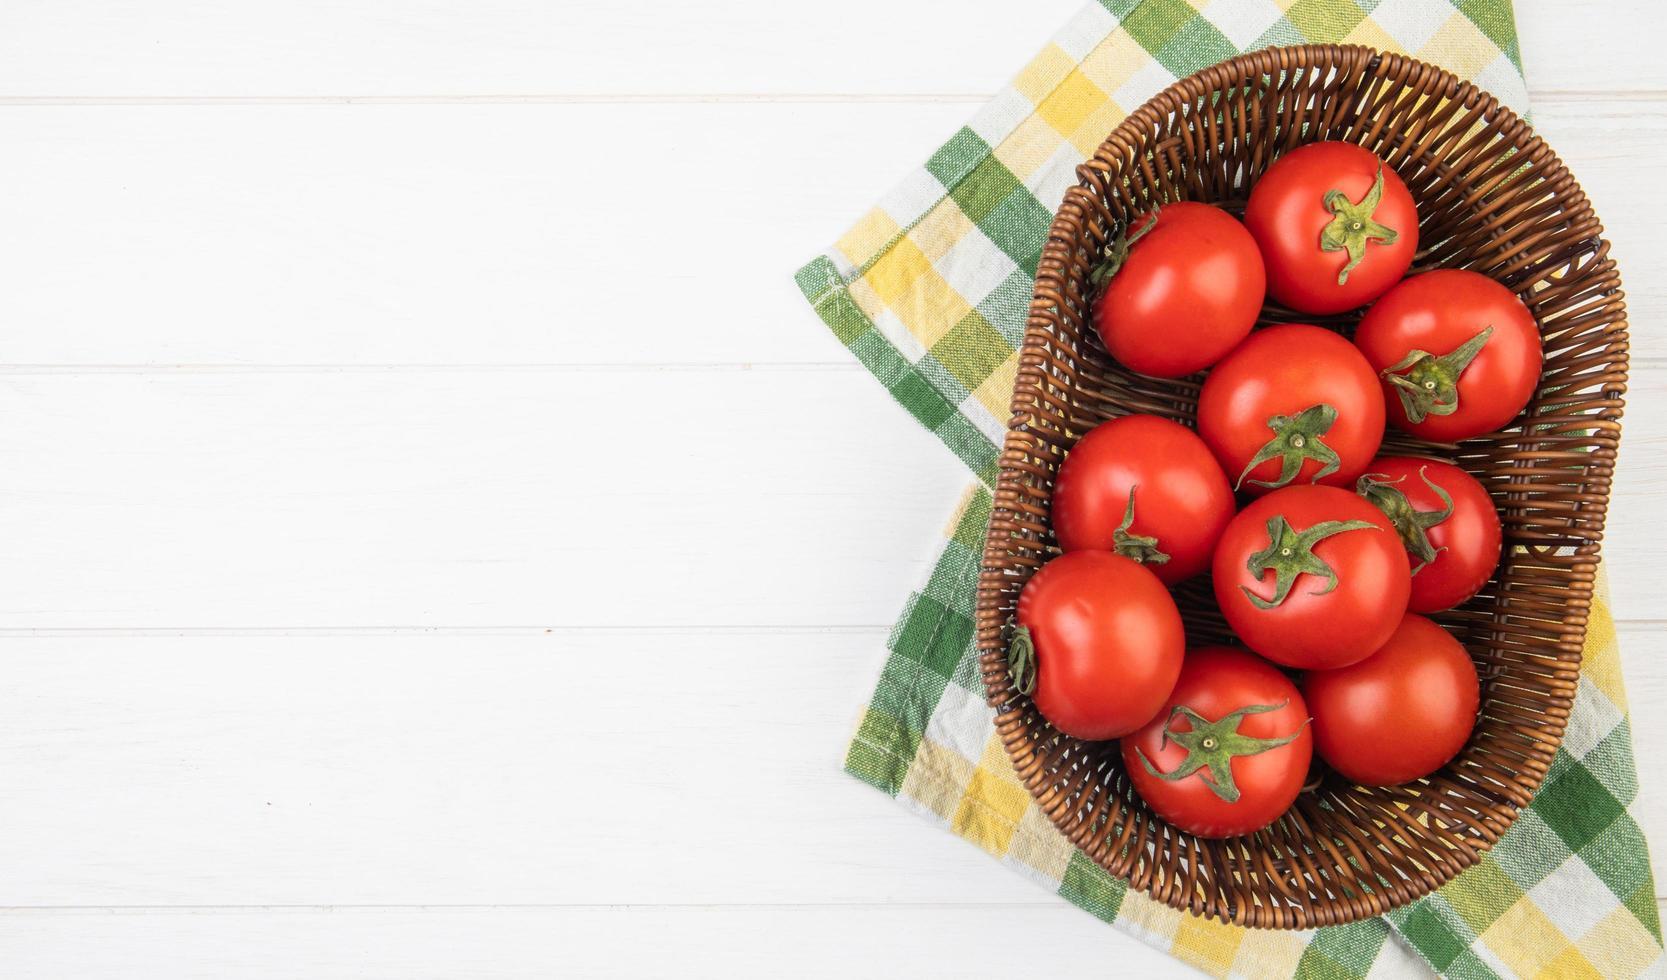 bovenaanzicht van tomaten in mand op doek aan rechterkant en witte achtergrond met kopie ruimte foto